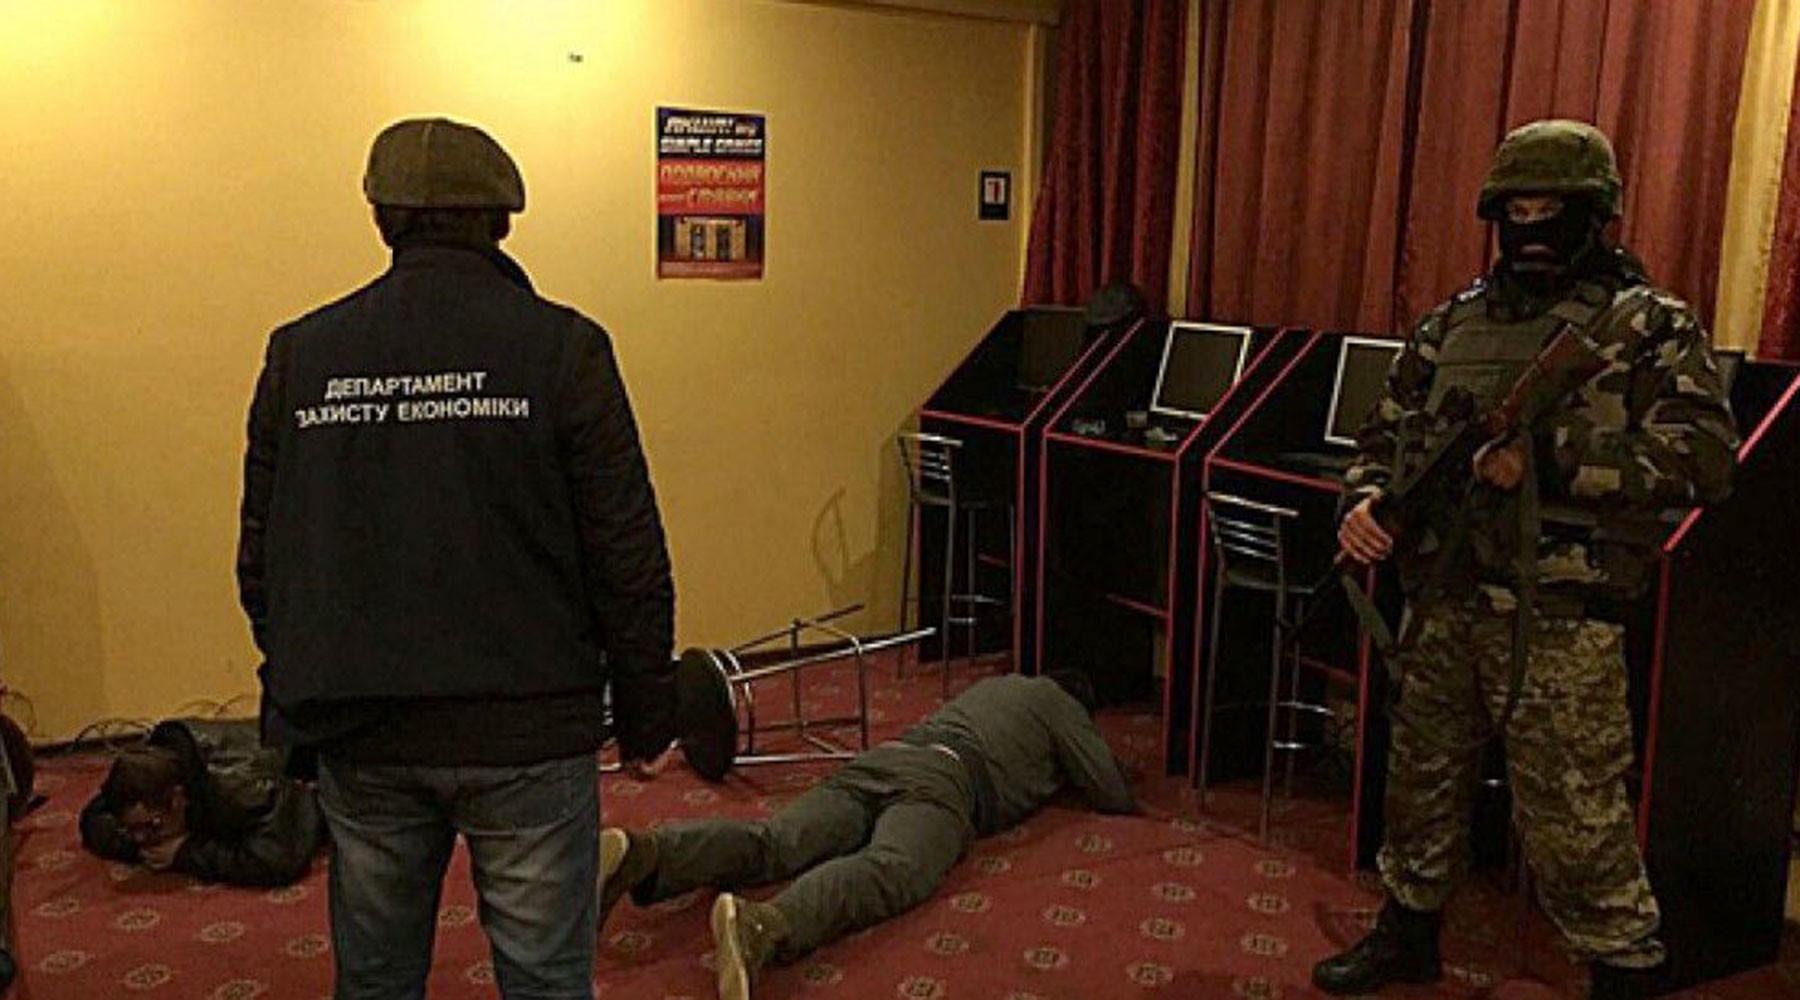 Закрытие игорных казино в костроме в декабре 2015 года найти все игры играть в автоматах казино